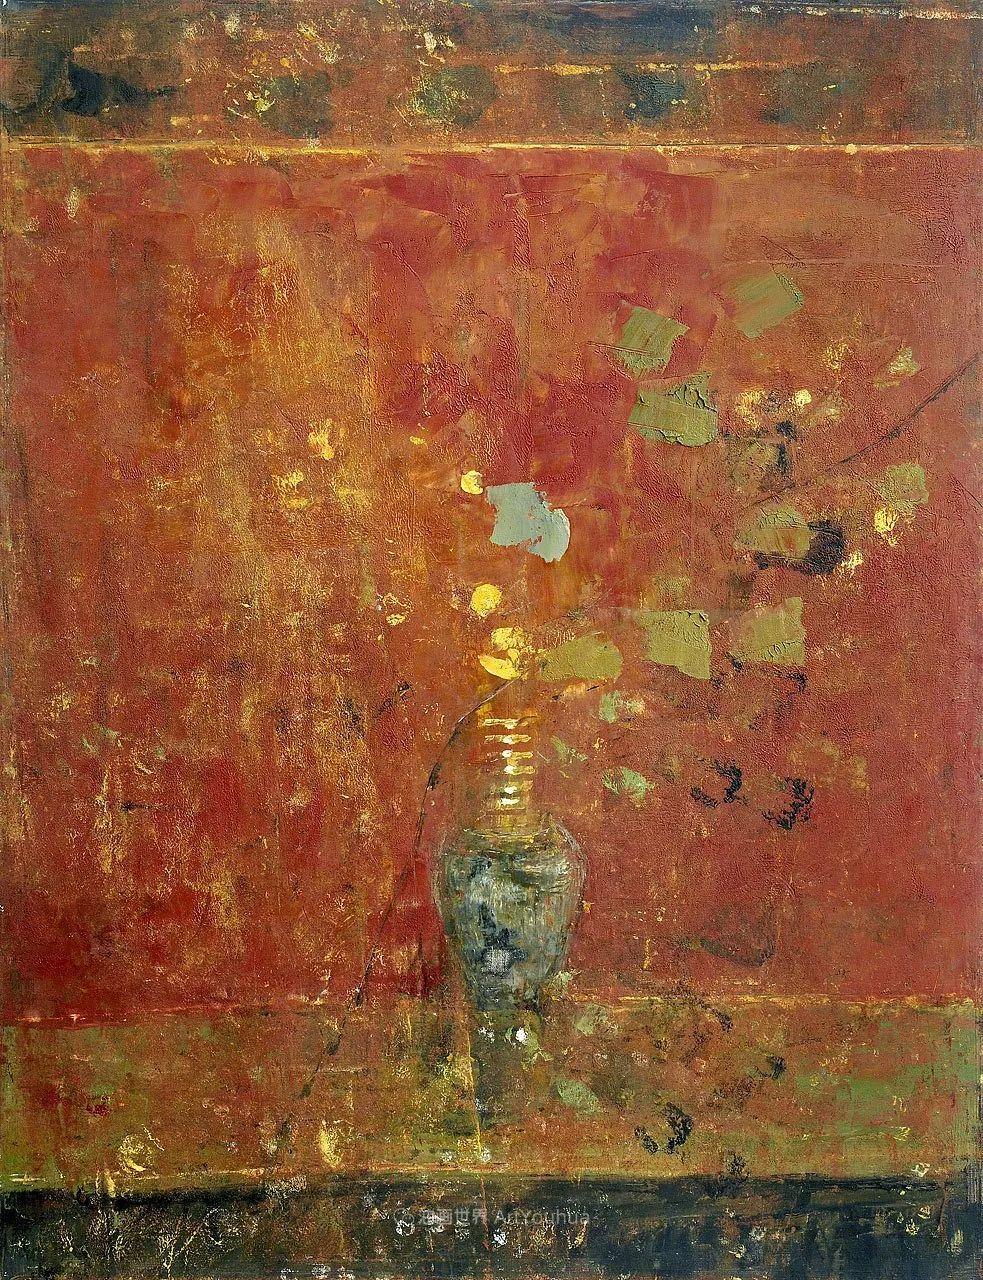 她从古代壁画中汲取灵感,但作品有一种非常现代、神秘的感觉!插图75